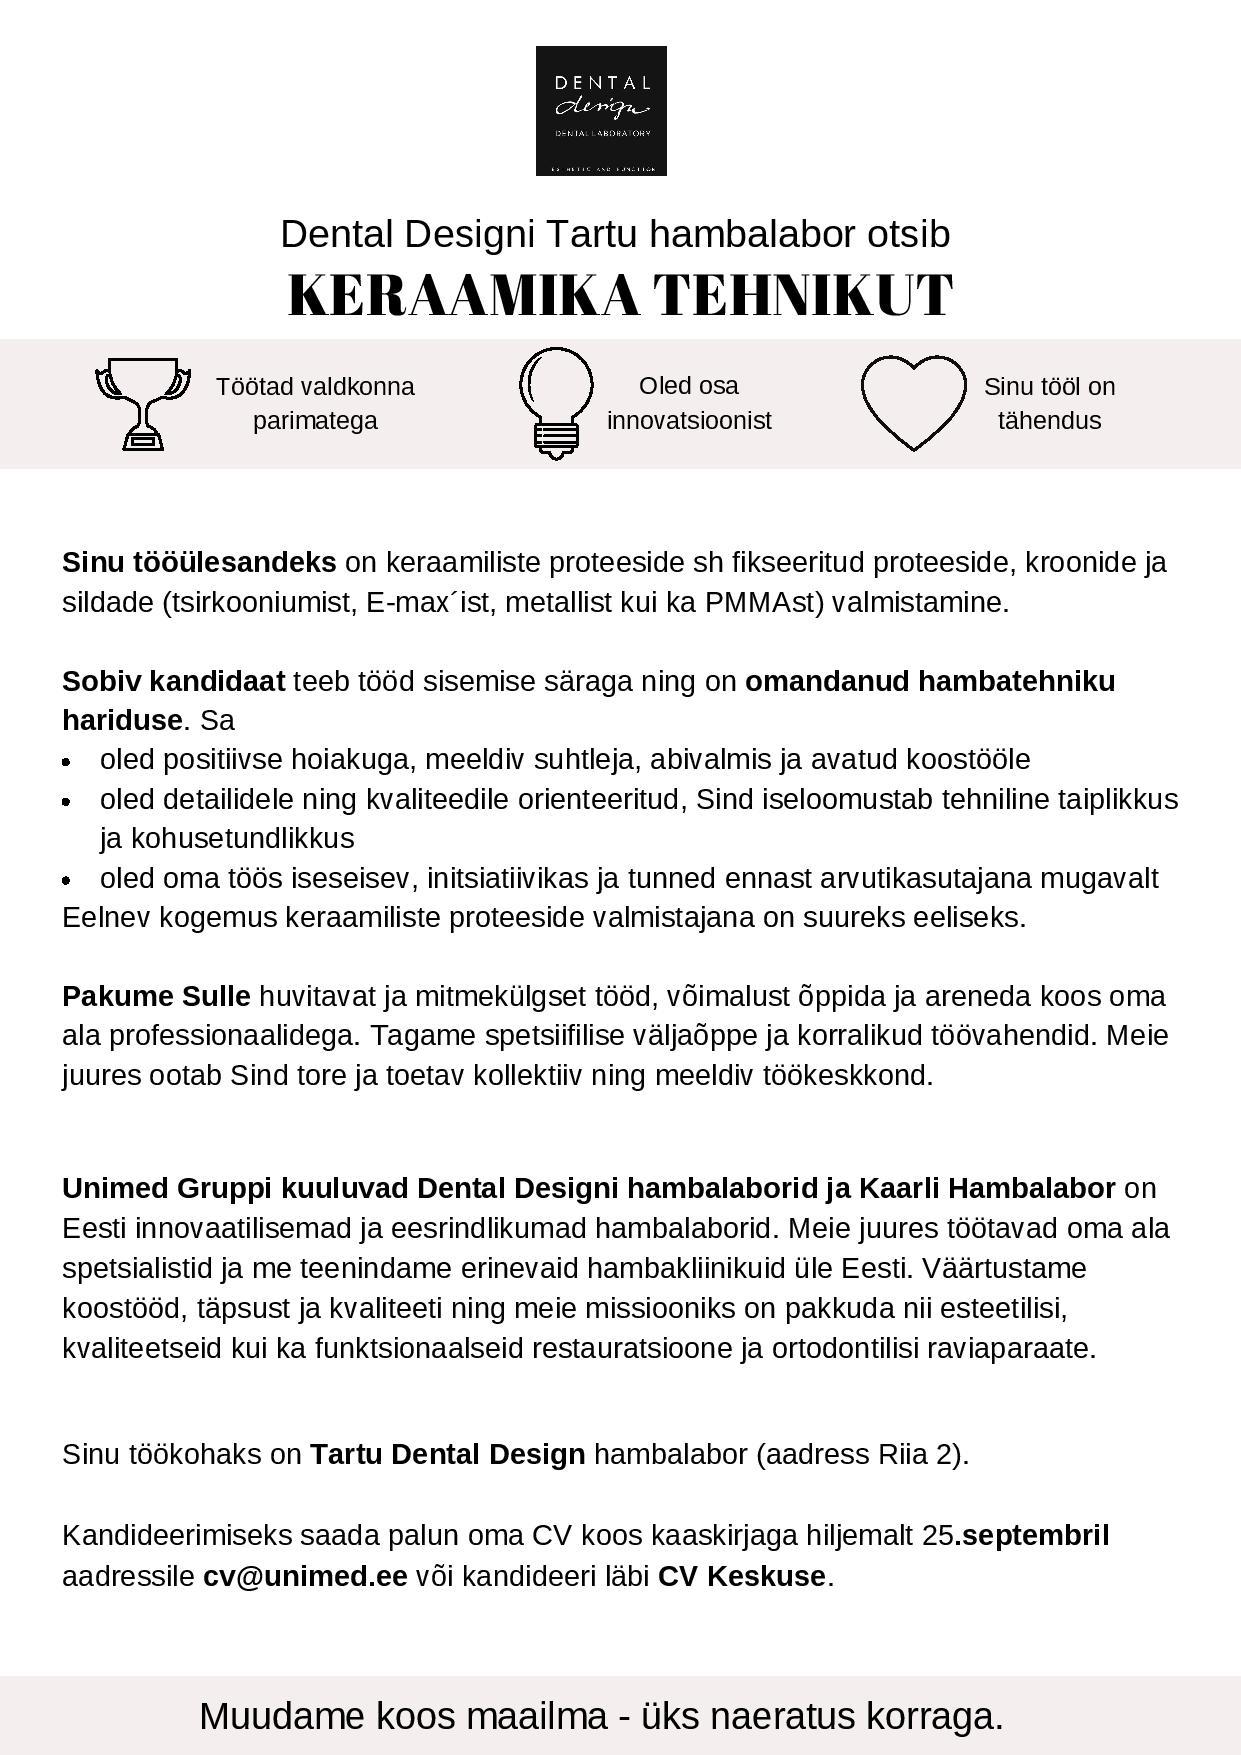 Keraamika tehniku kuulutus 2 (5)-page-001